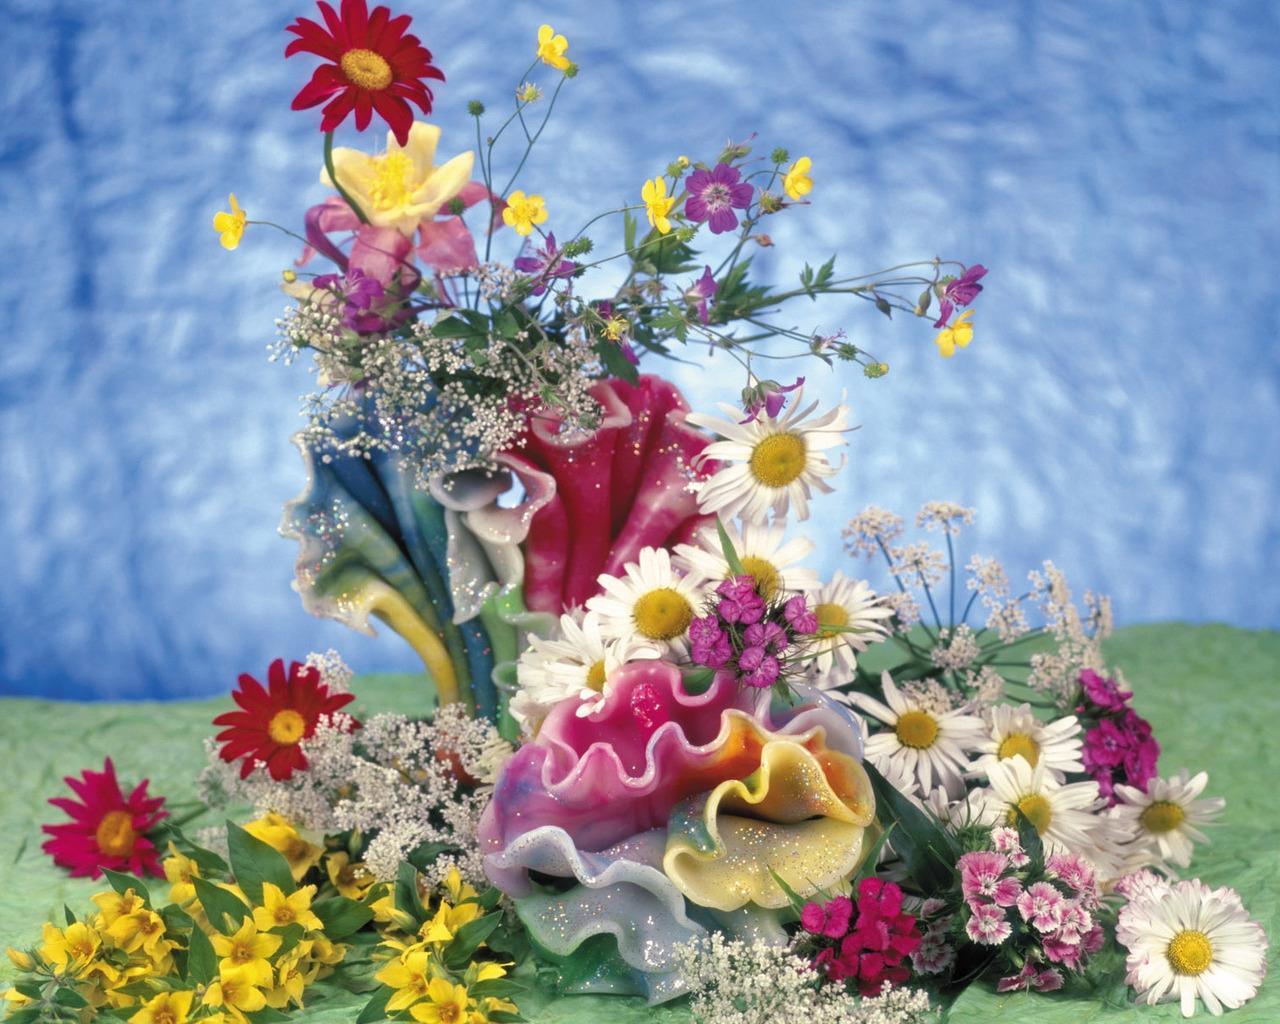 Открытки поздравления, открытка с днем рождения летние цветы